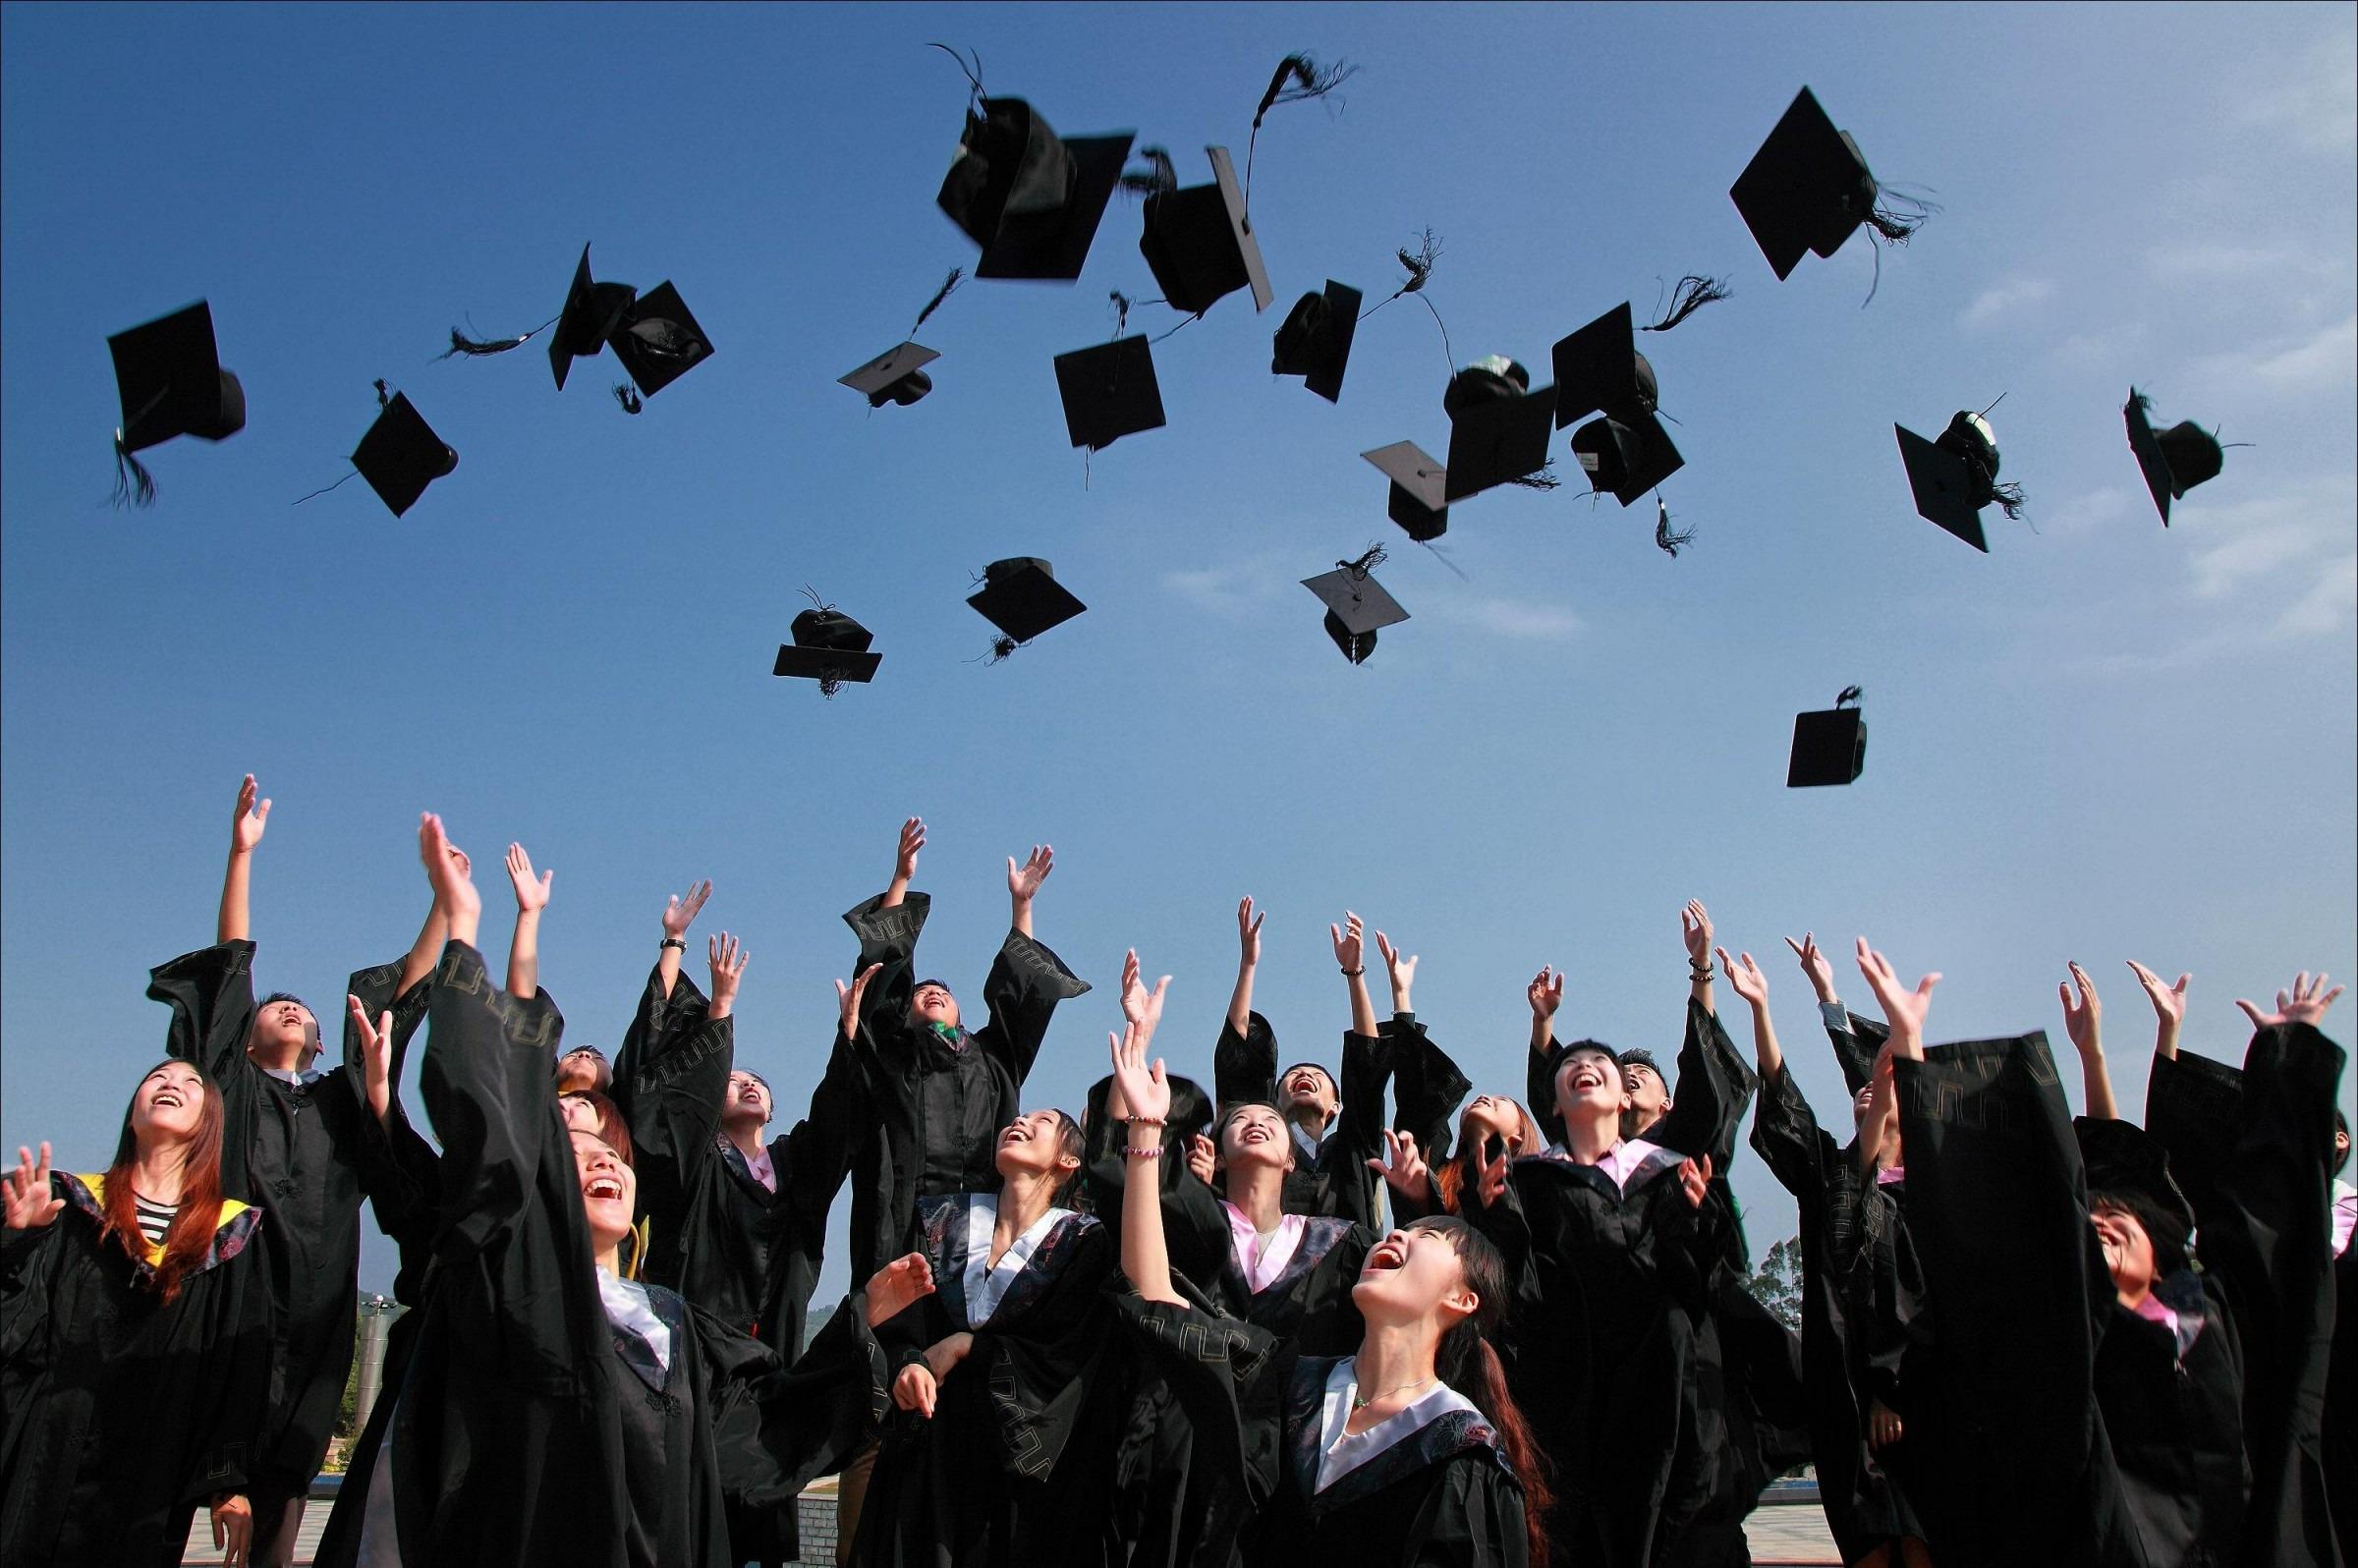 منح لطلاب الثانوية في الجامعة الأمريكية واليابانية وزويل وبدر والنيل